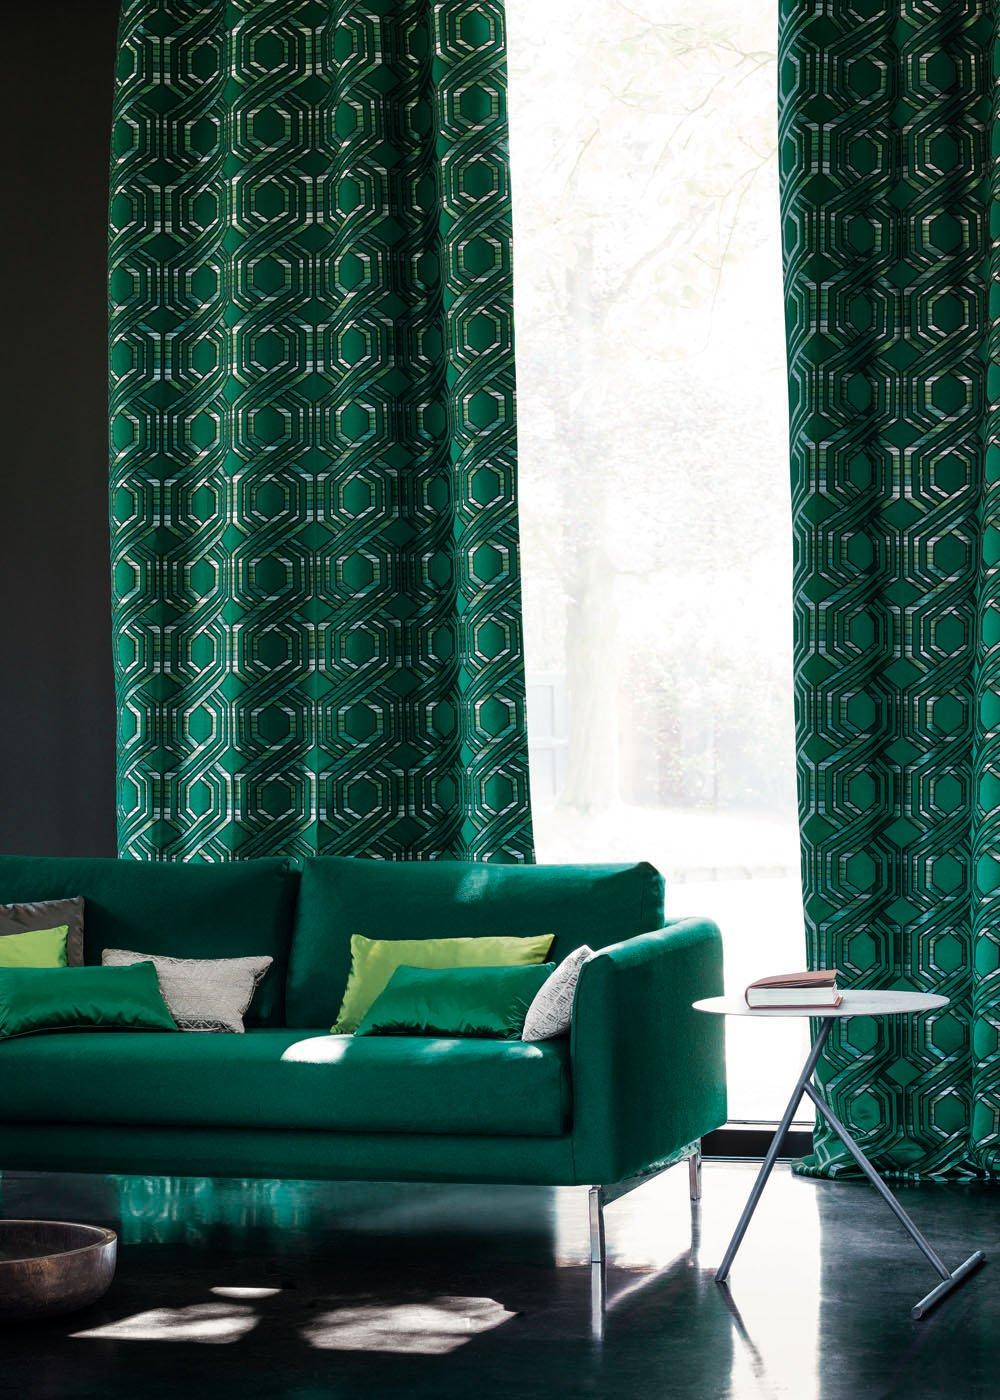 Rideau Design Les Dernires Nouveauts Pour Habiller Ses